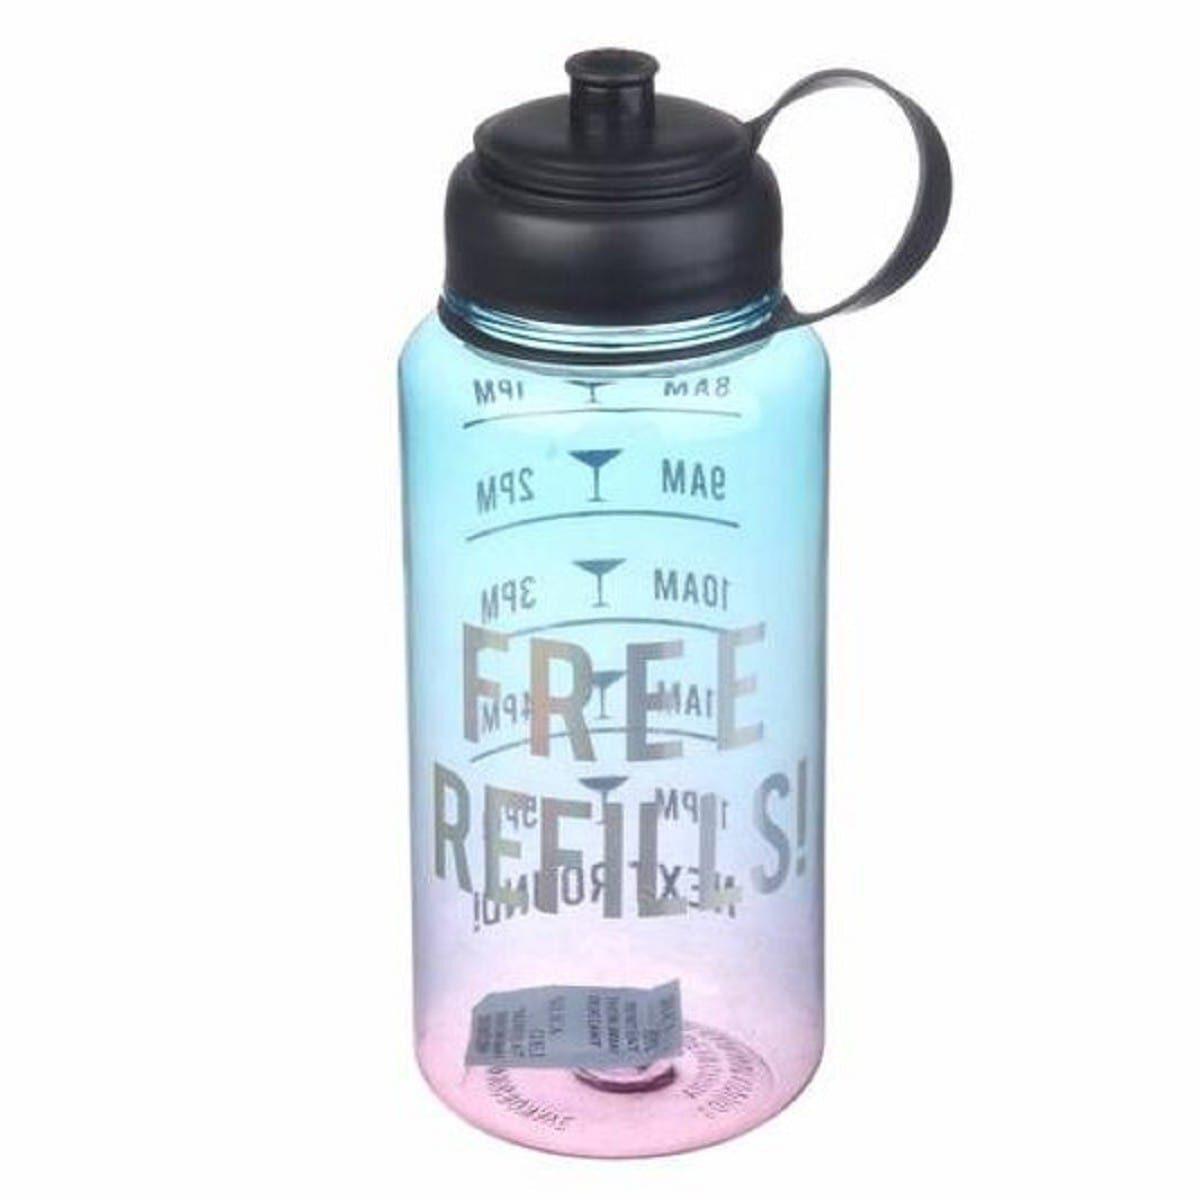 Спортивна пляшка Free Refills 1000 мл.